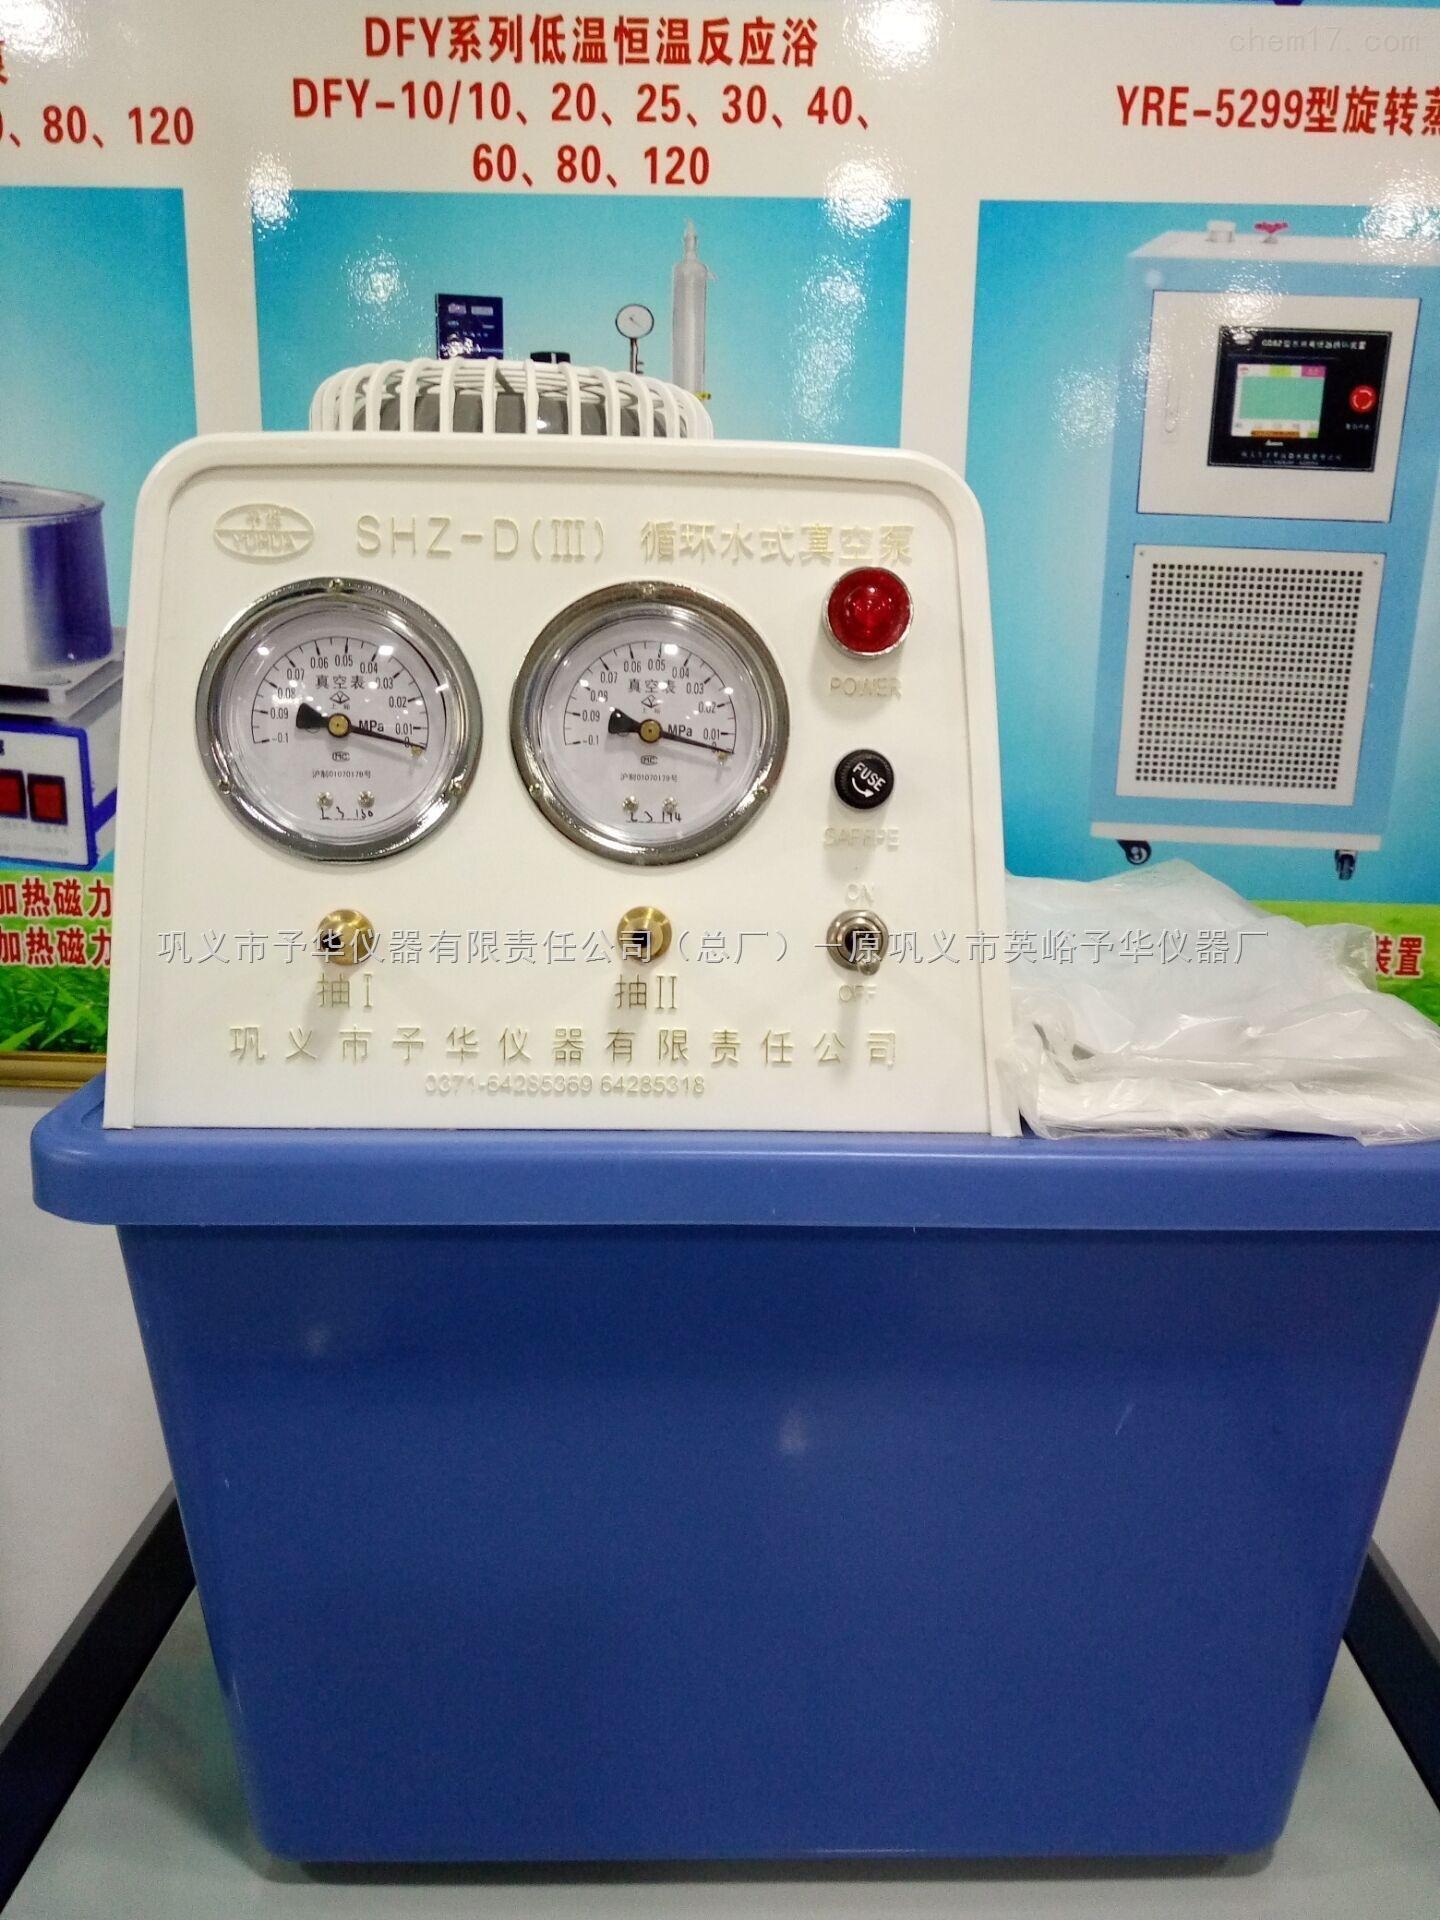 SHZ-D(III)防腐/不锈钢小型循环水真空泵极限真空度0.098MPa